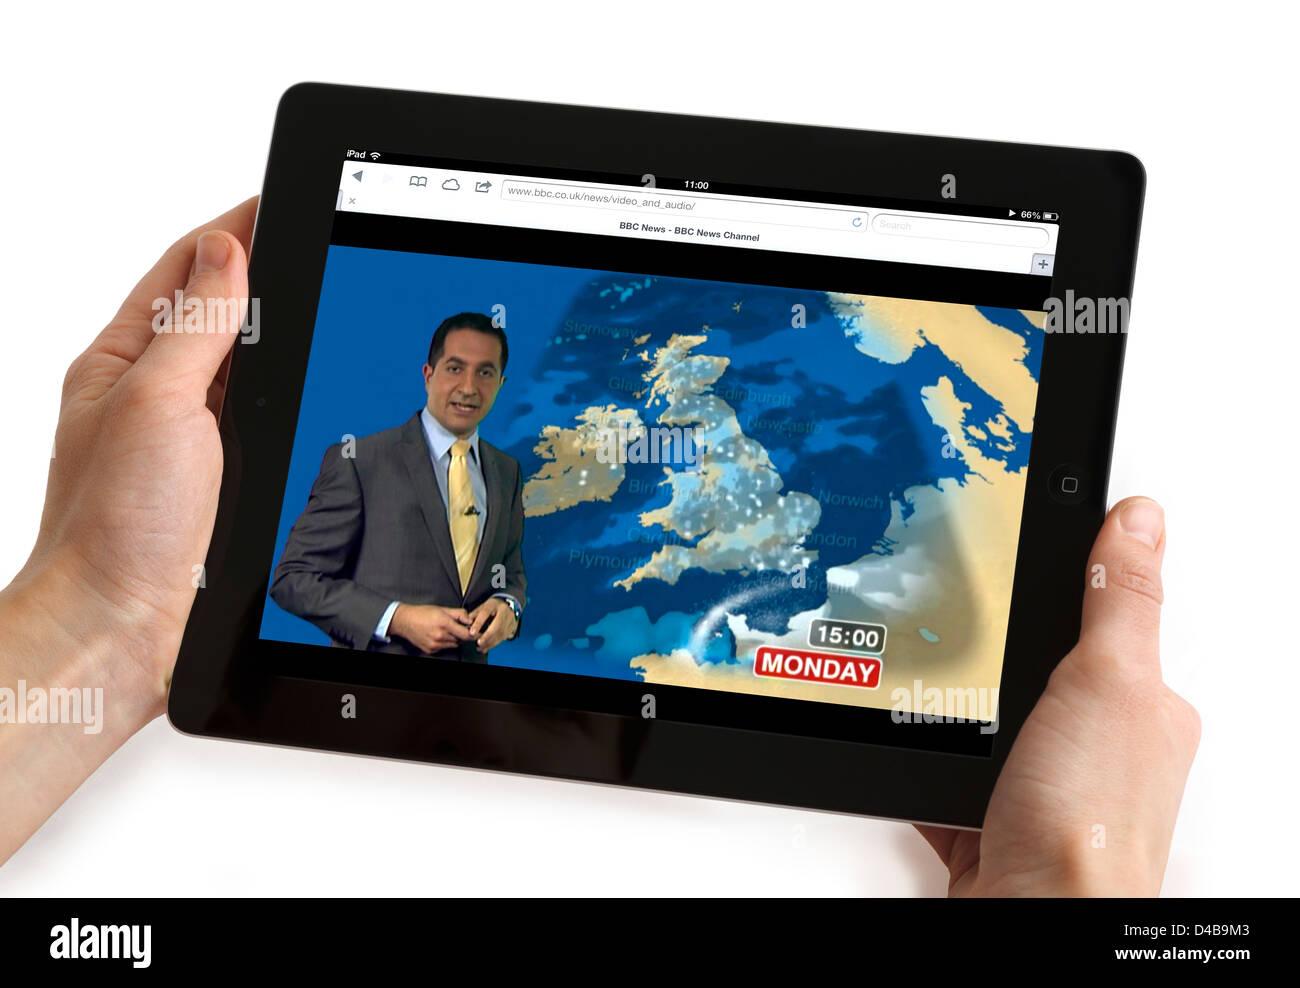 Guarda le previsioni meteo sulla BBC News channel website su un Apple iPad 4 Immagini Stock